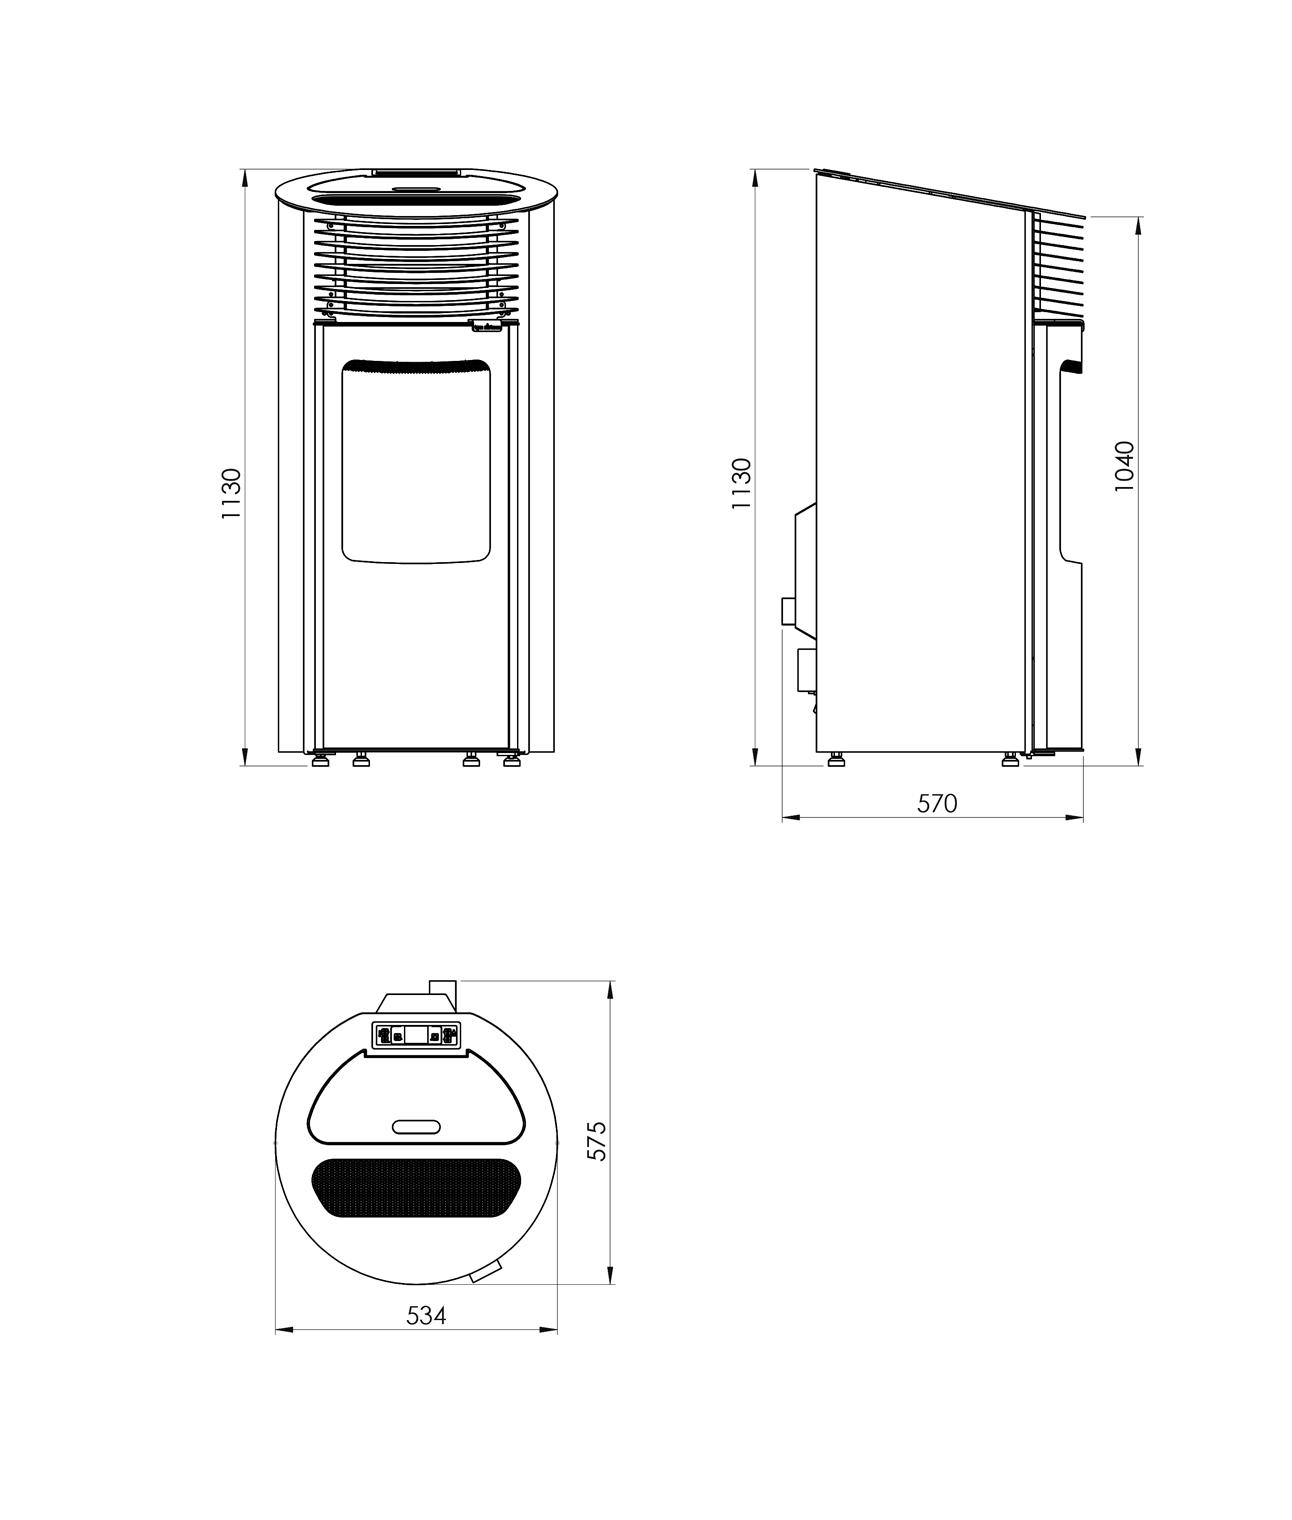 Shéma et dimansions poêle à granulés étanche Verone 8 kW design 2019, Pil'Poêle